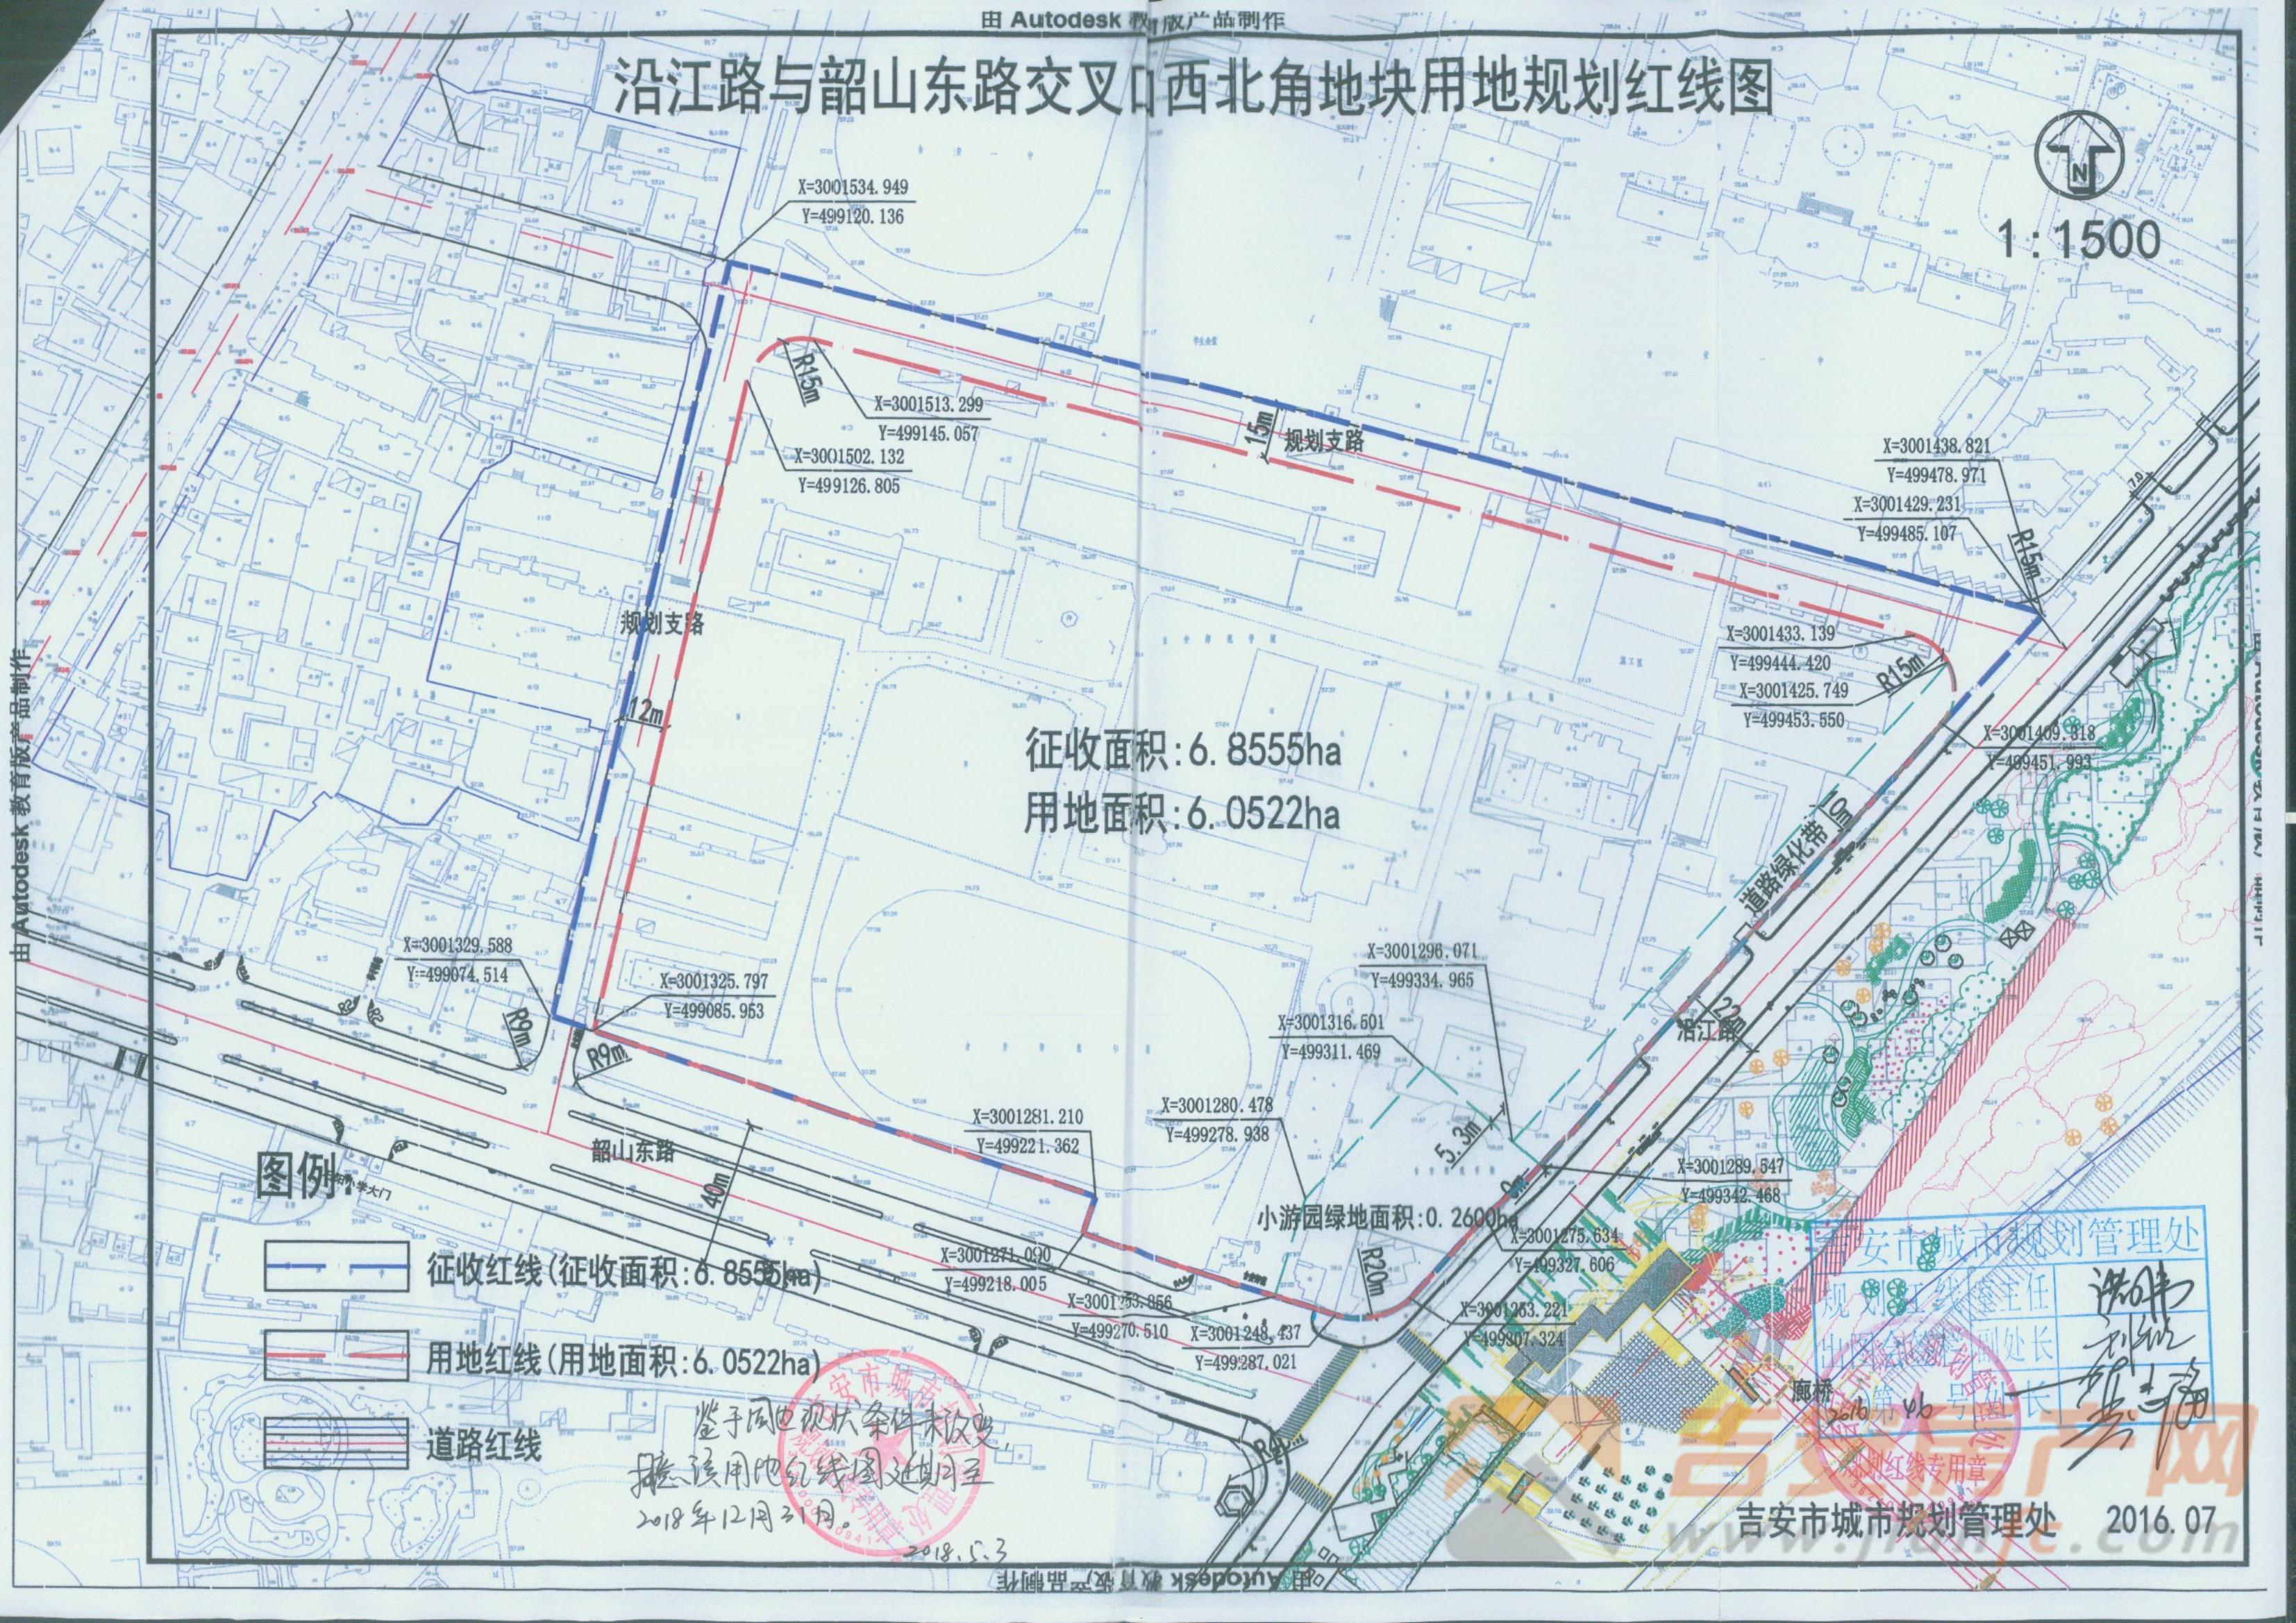 用地规划红线图-吉安房产网